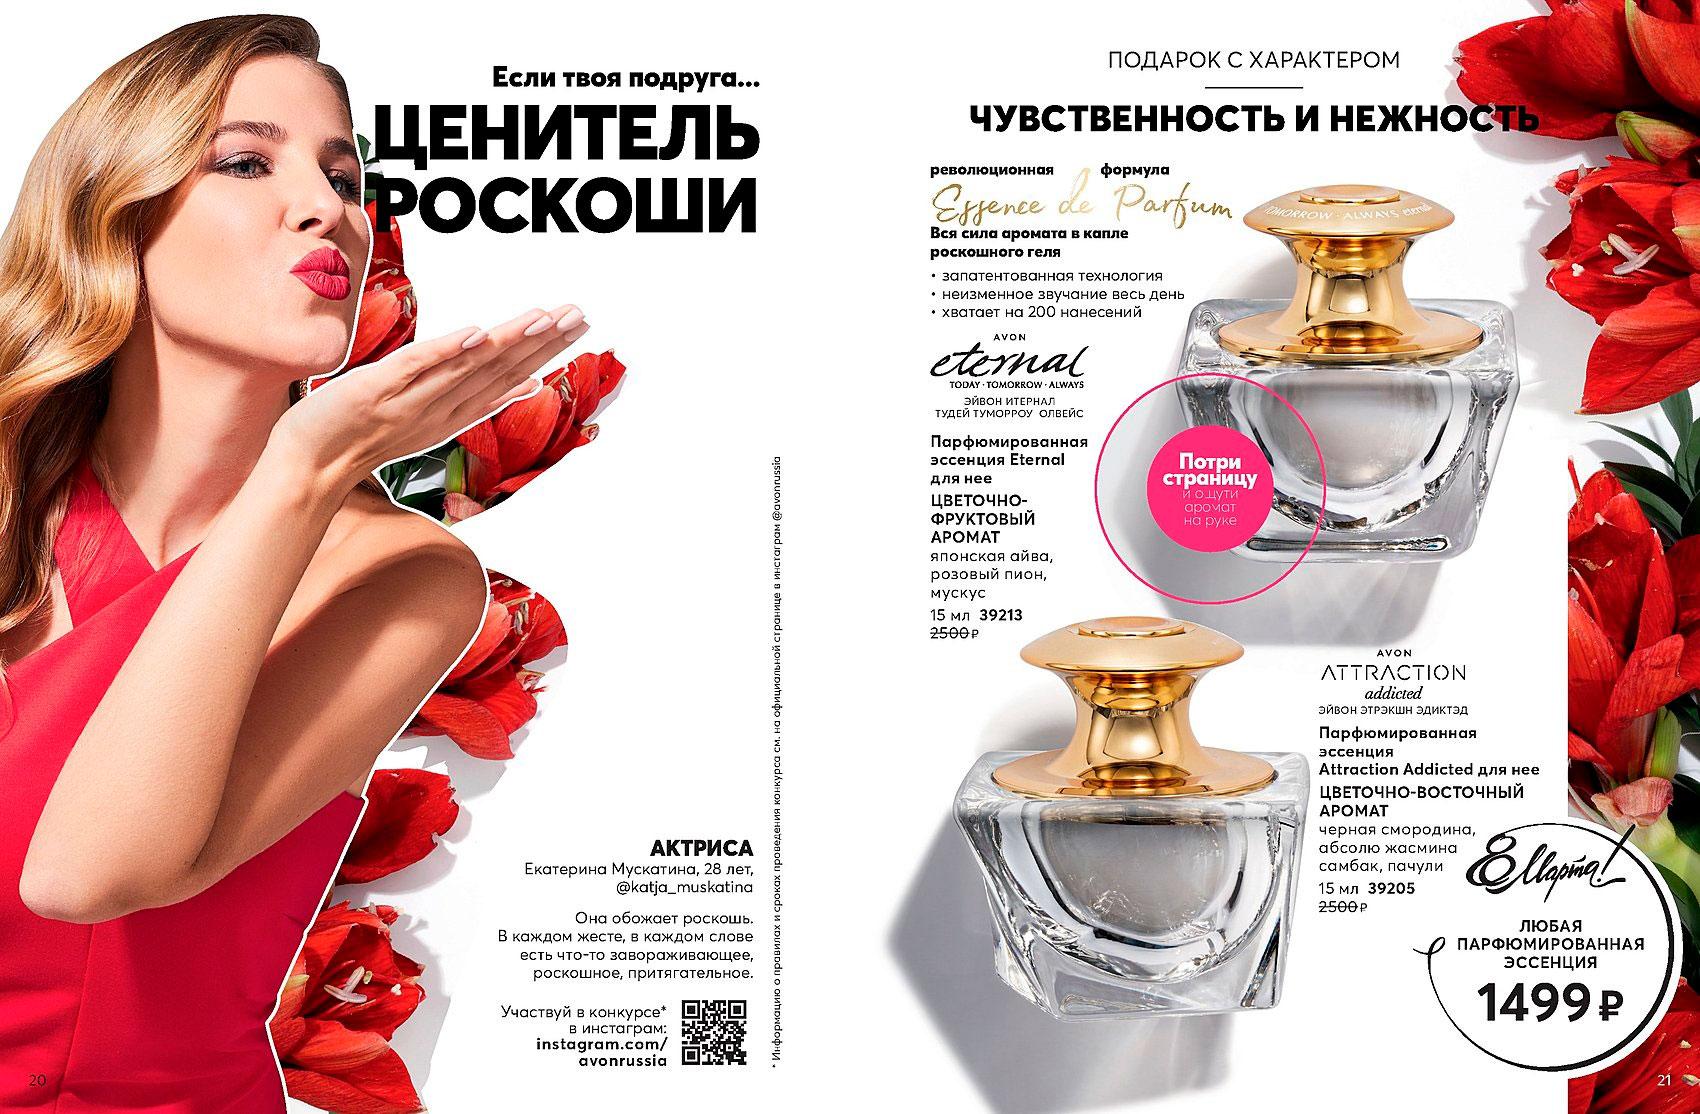 Avon новый каталог смотреть naked косметика купить